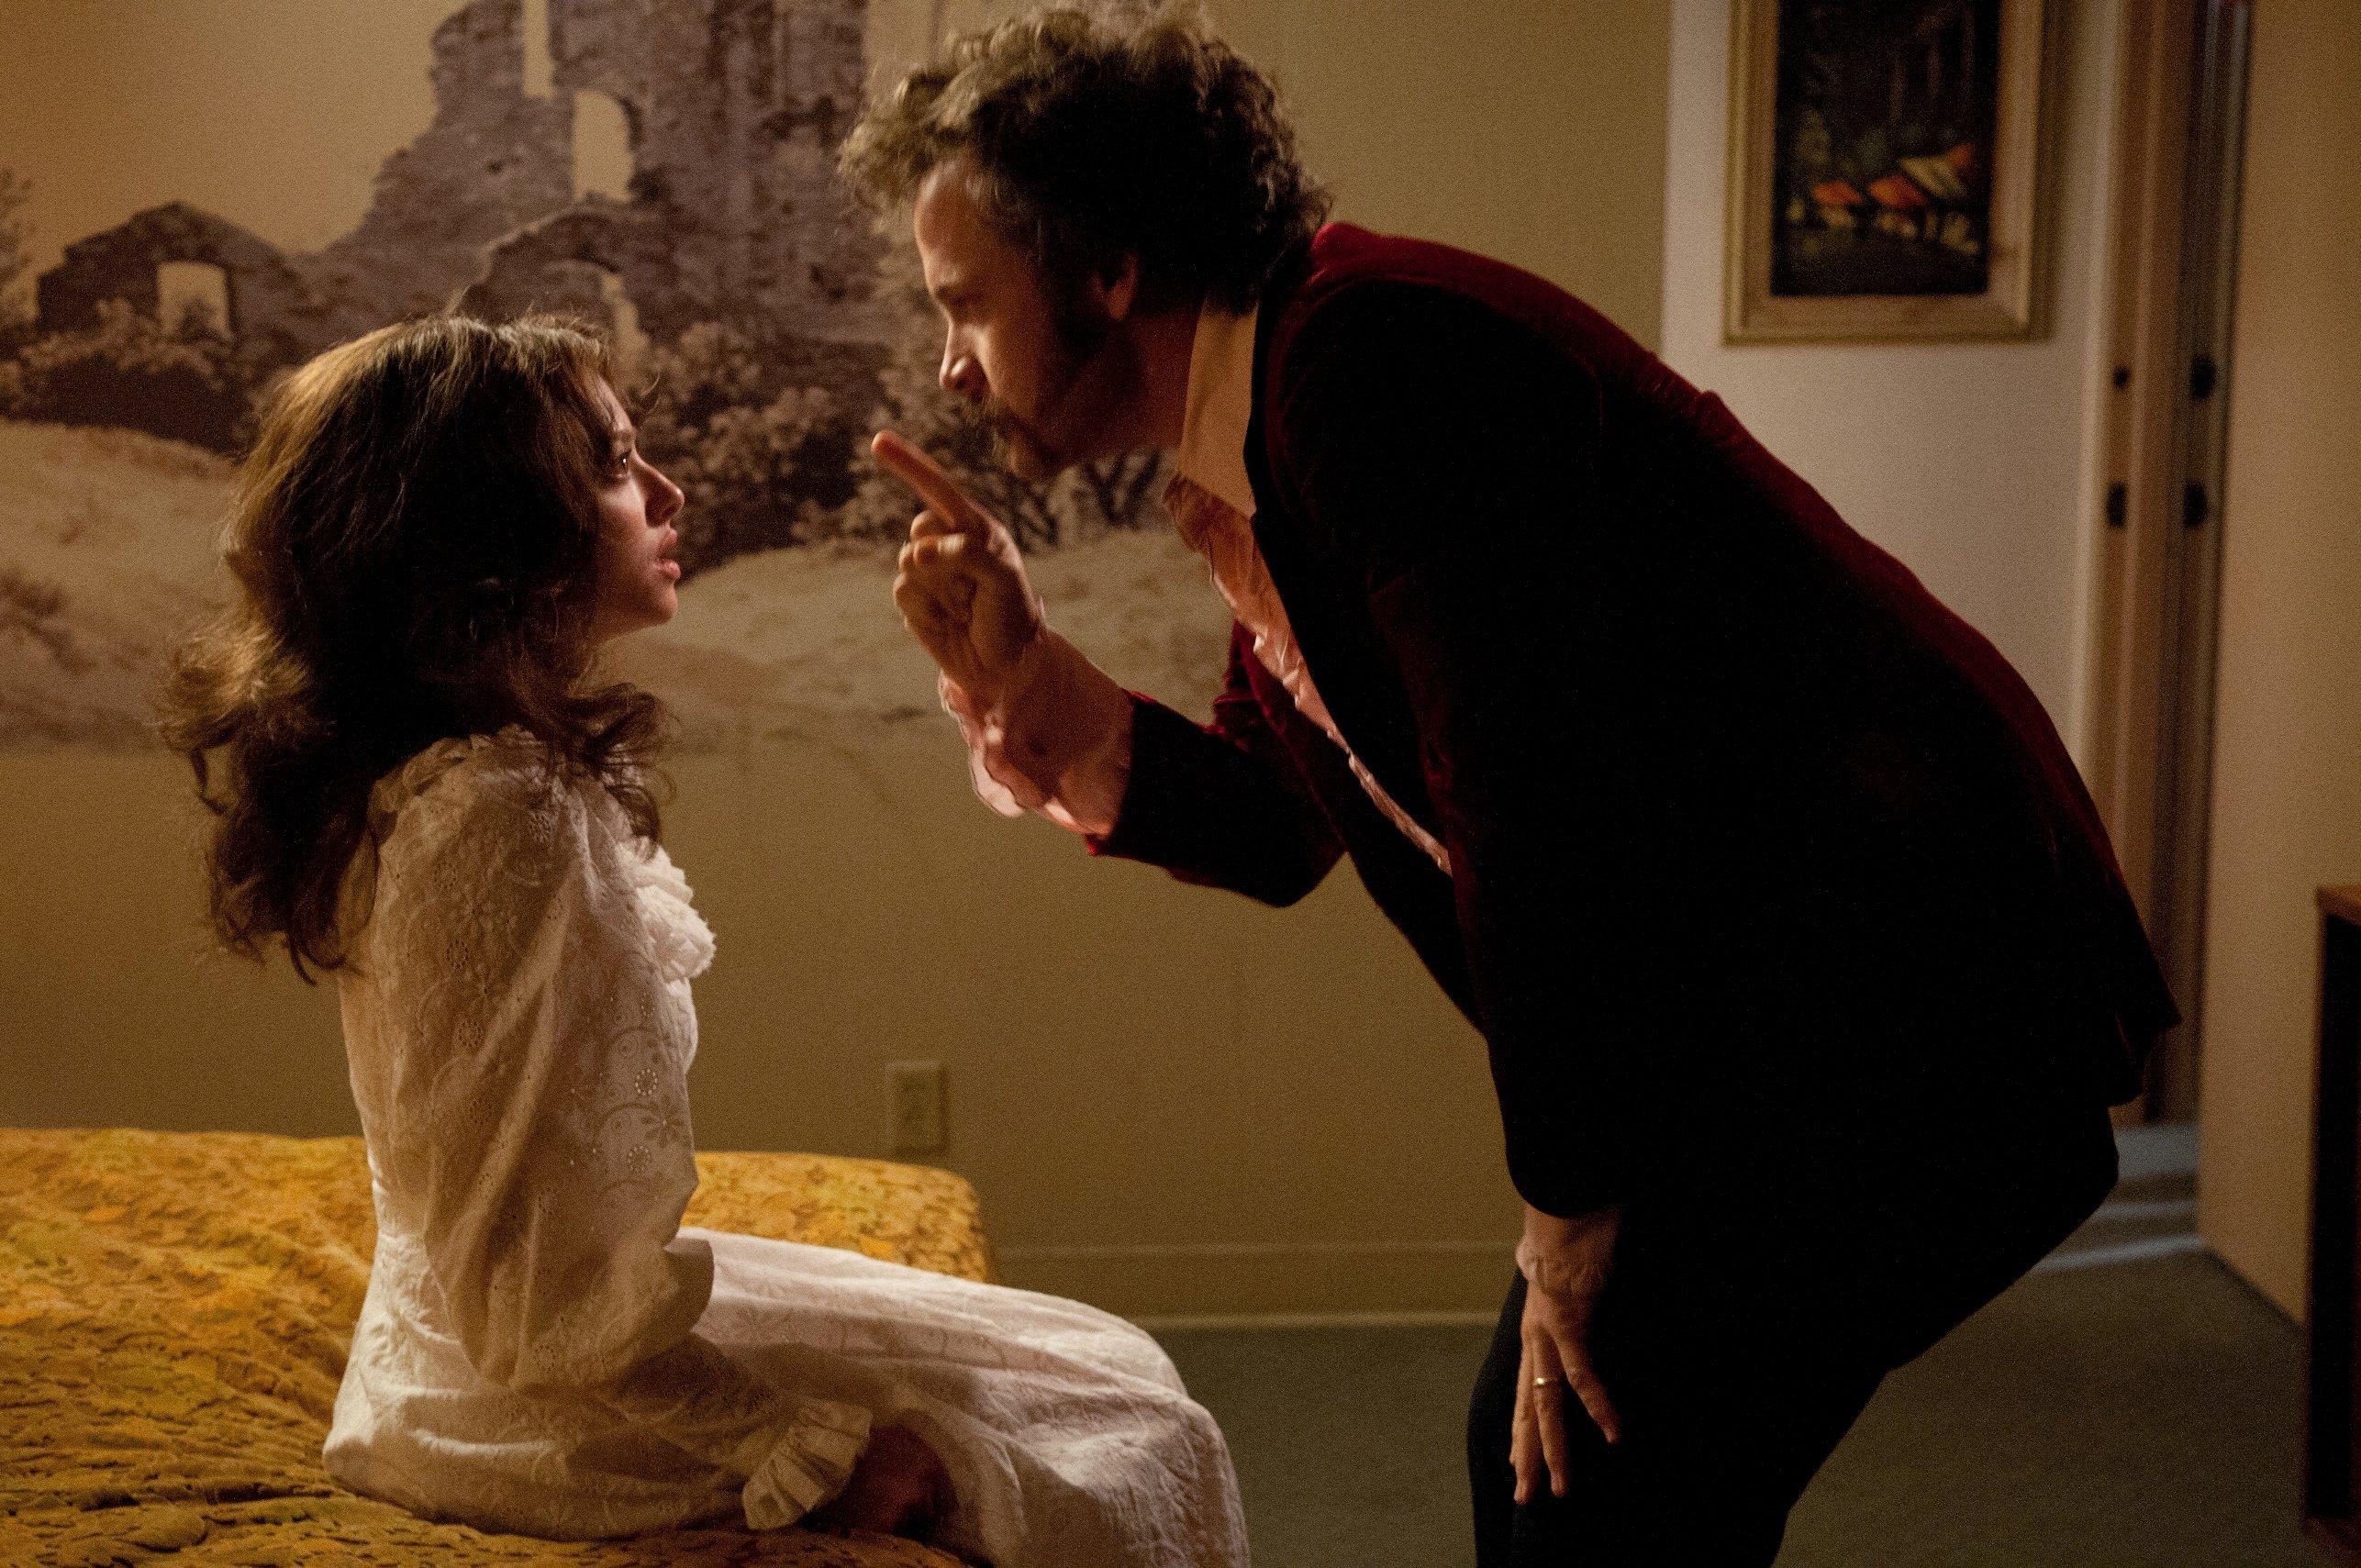 Sundance Film Festival 2013: Lovelace and The East